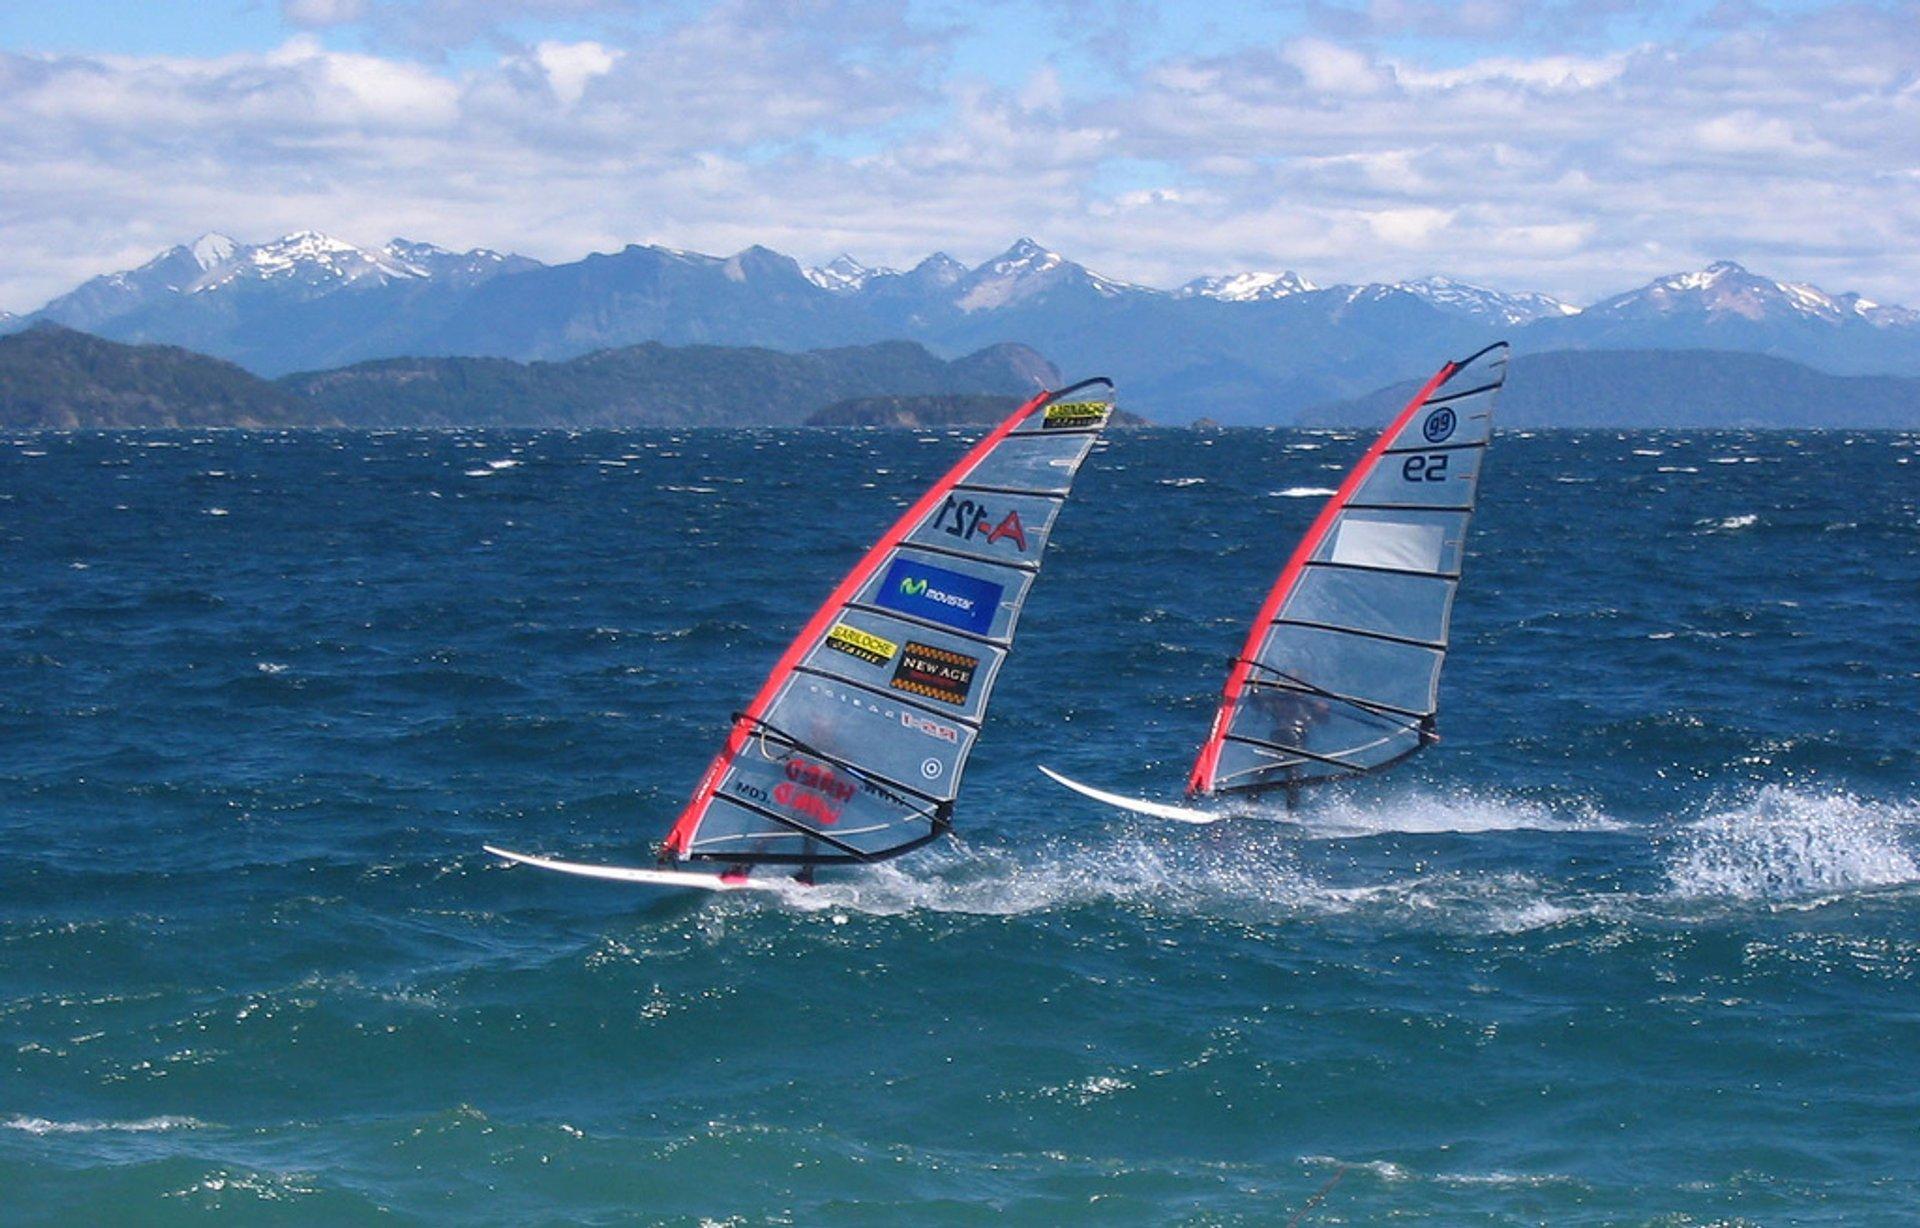 Windsurfing in Argentina - Best Season 2020